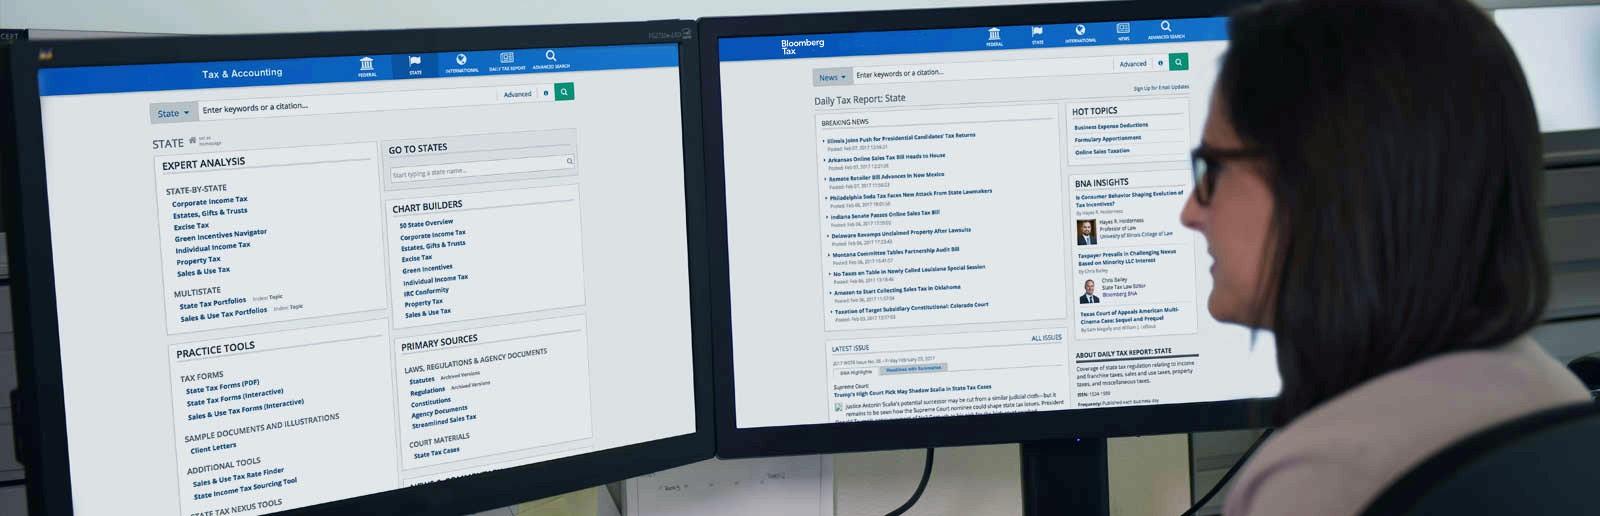 Bloomberg Tax & Accounting | LinkedIn